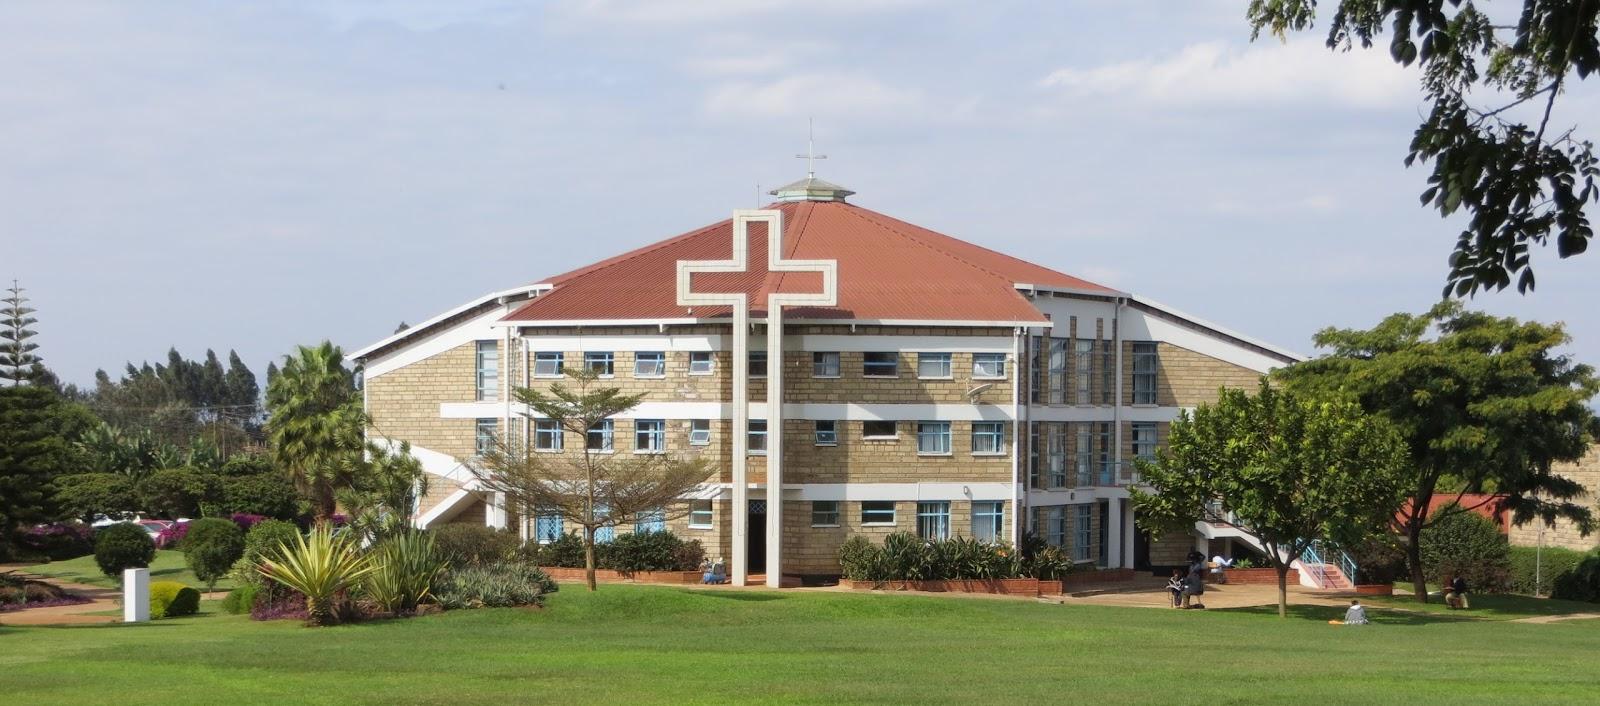 KeMU chapel